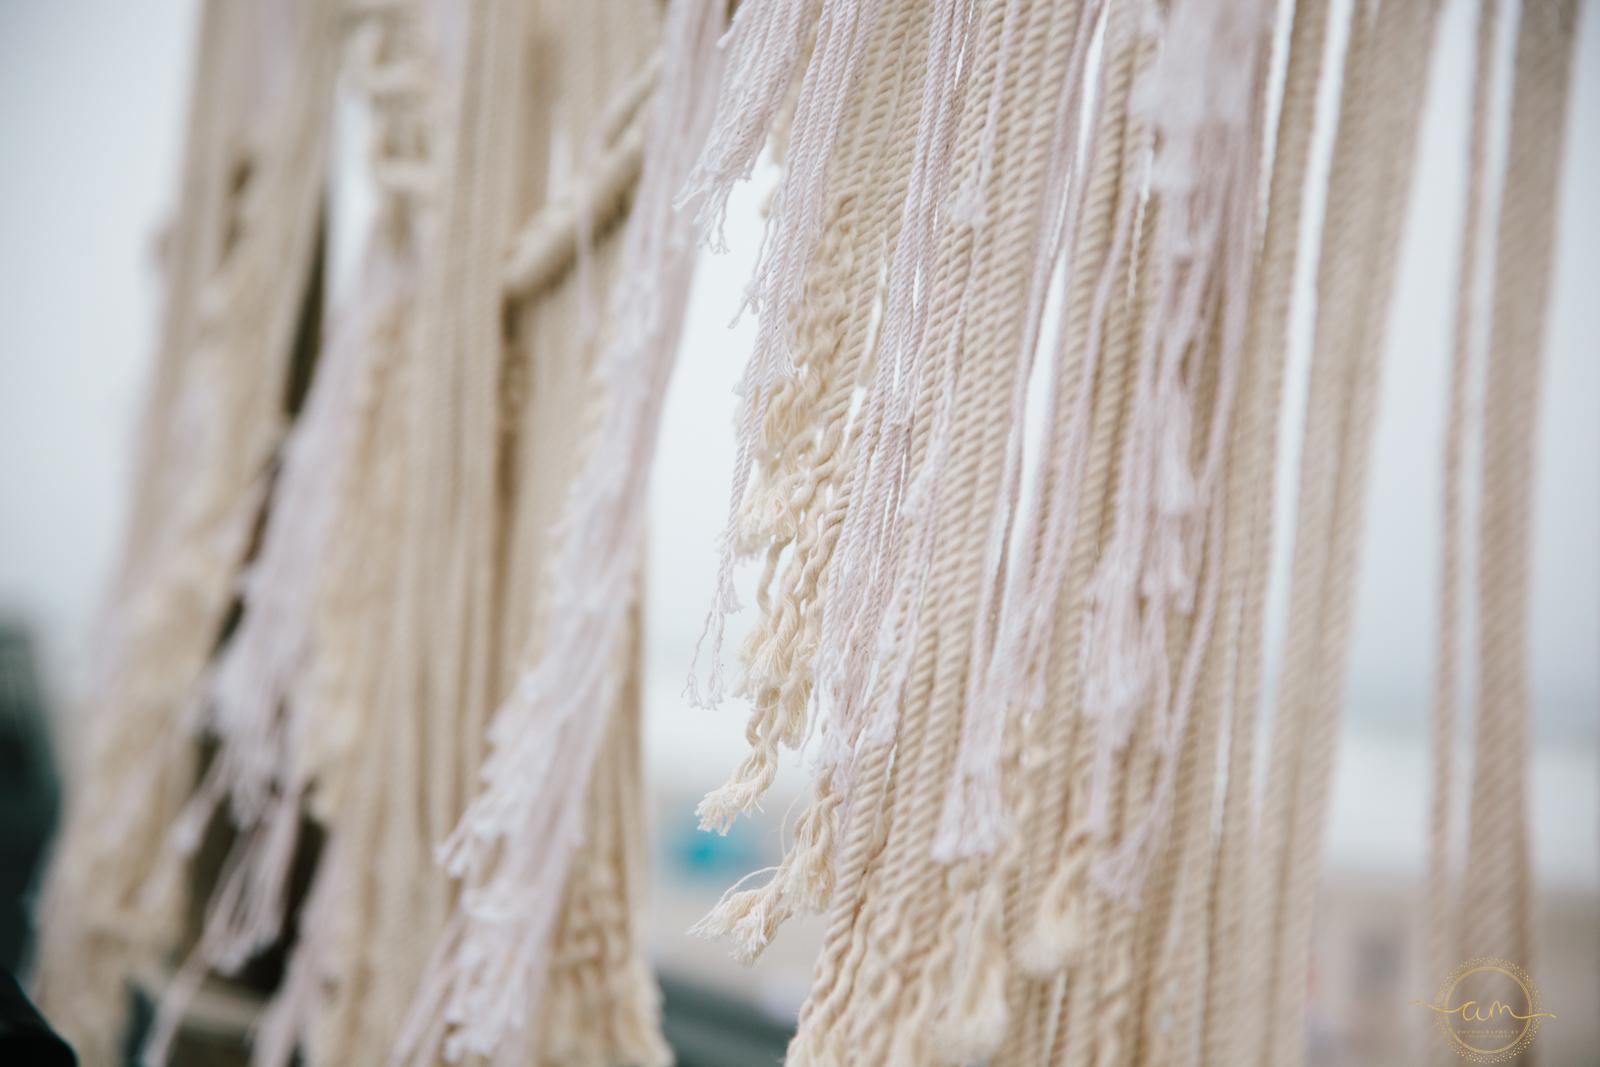 Narragansett-RI-Beach-Wedding-Amanda-Morgan-46.jpg